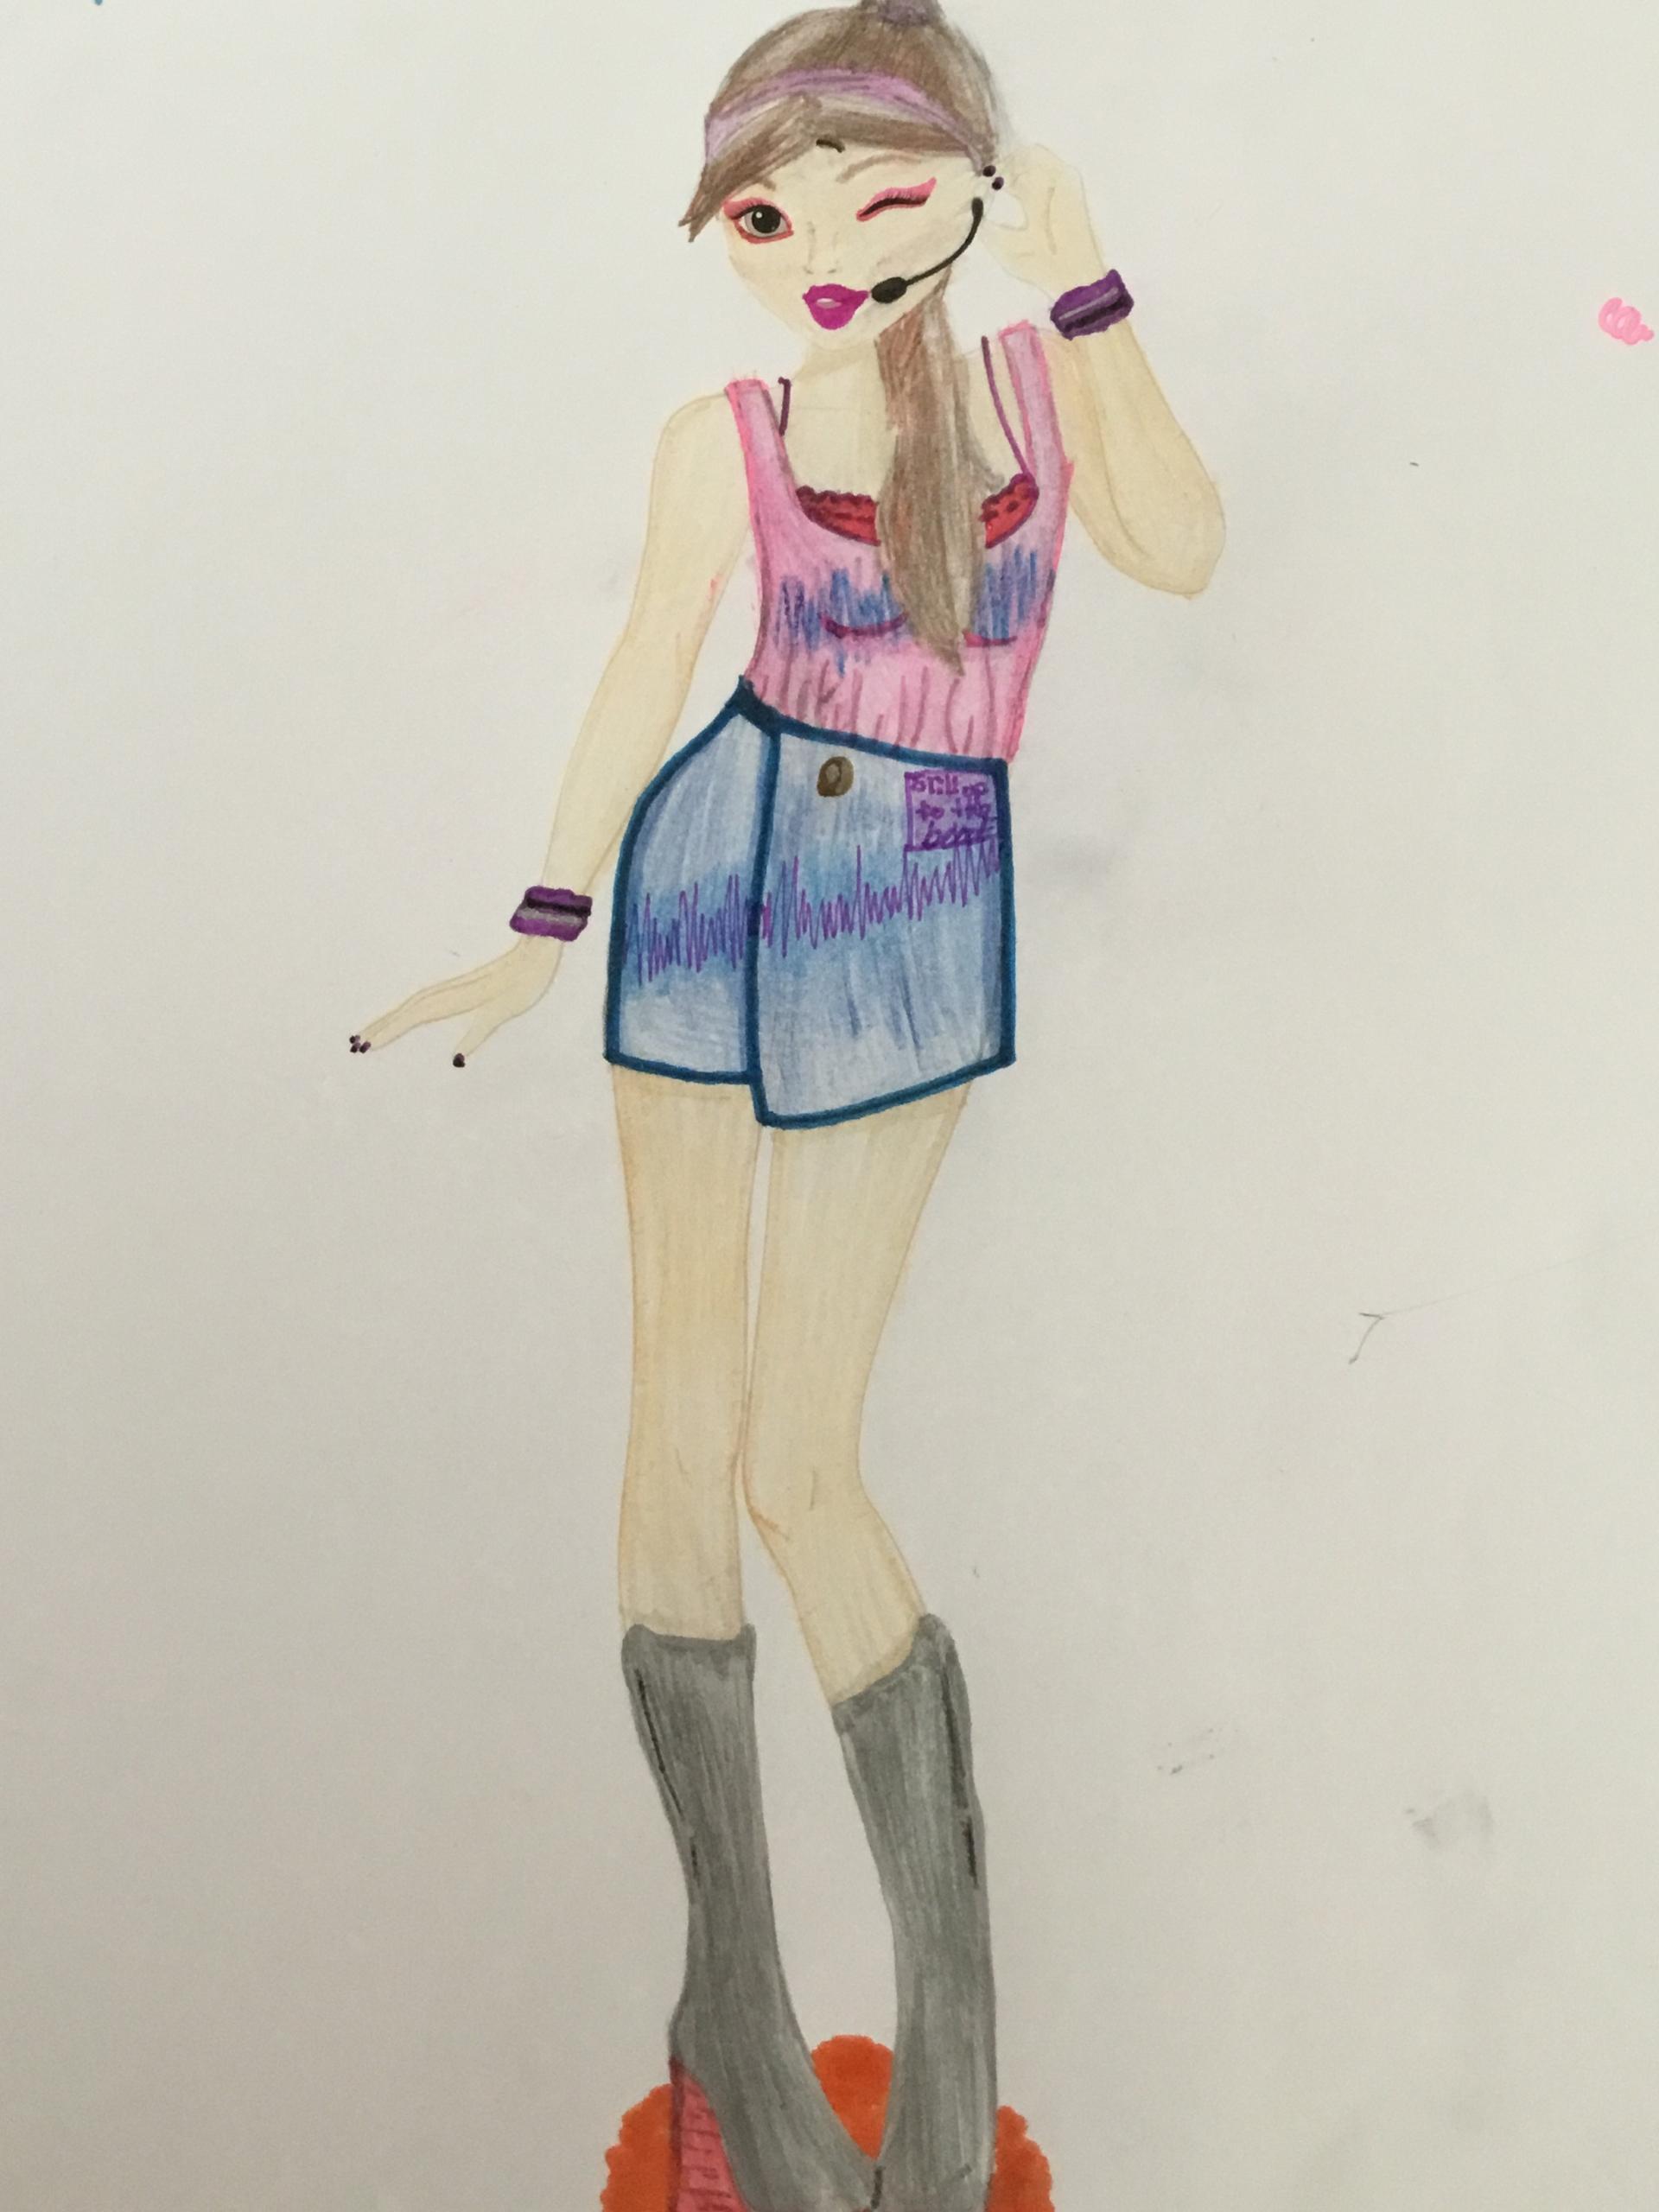 Nisha A., 9years, from Malllorca